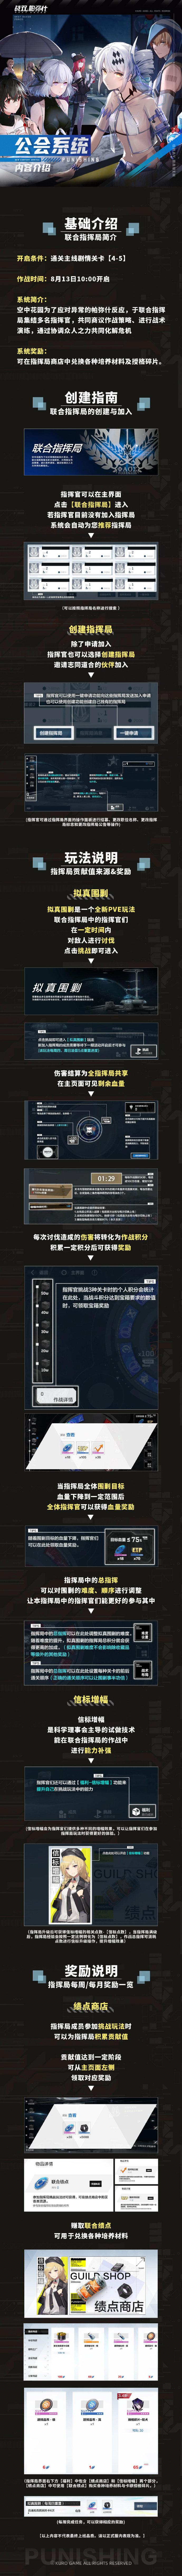 战双帕弥什公会系统介绍 联合指挥局玩法及奖励汇总